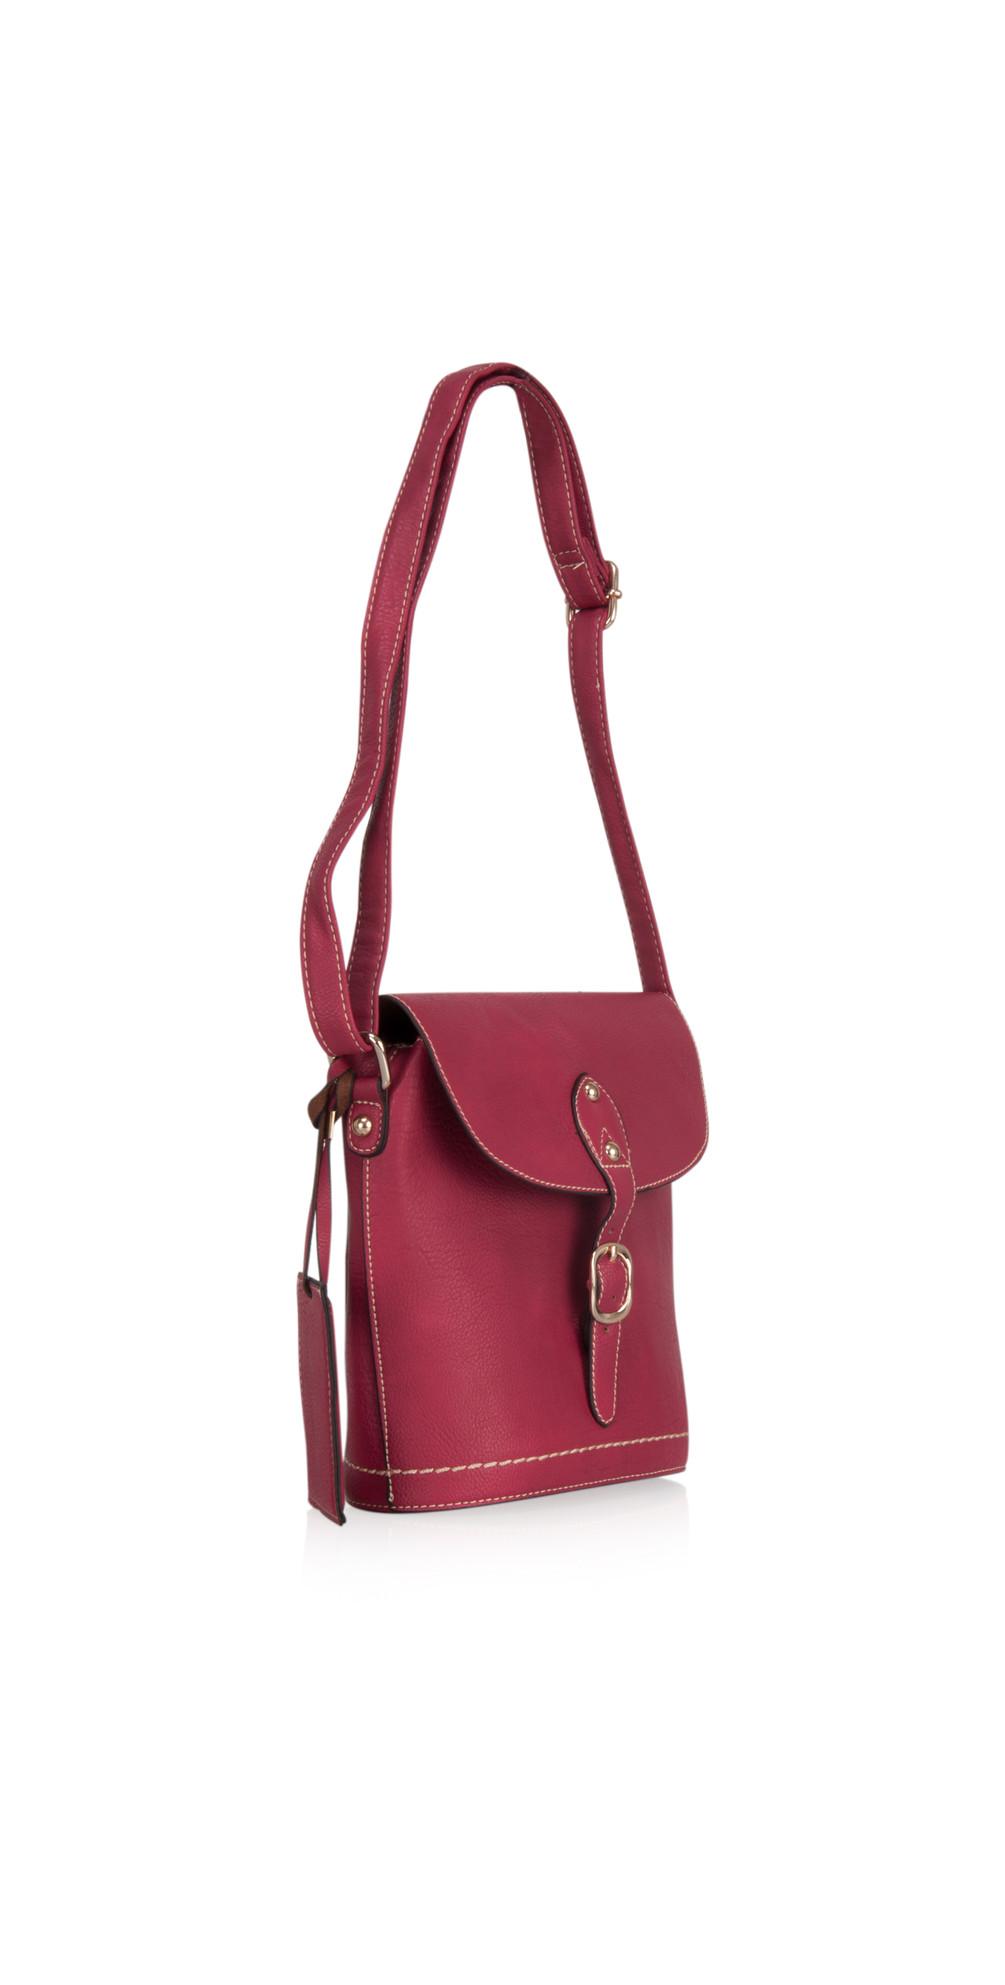 Andrea Saddle Bag main image